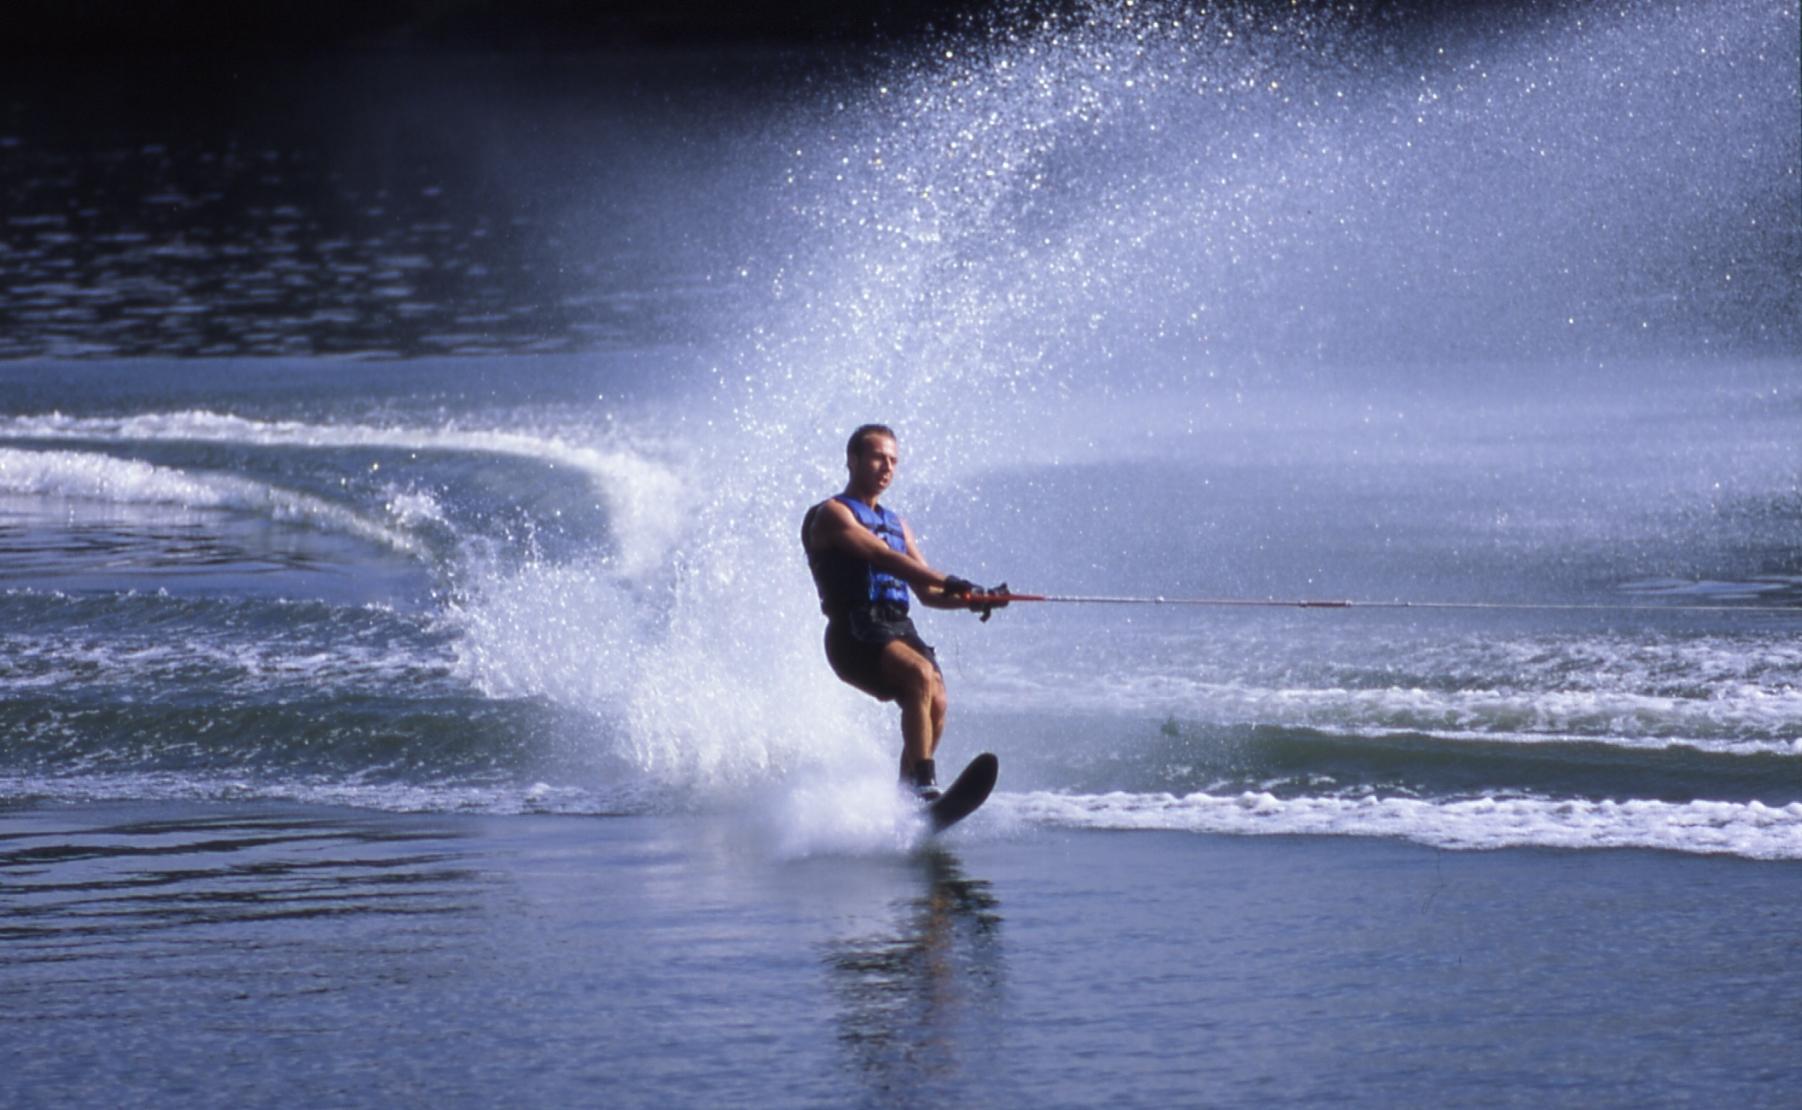 ski nautique seine activités nautiques